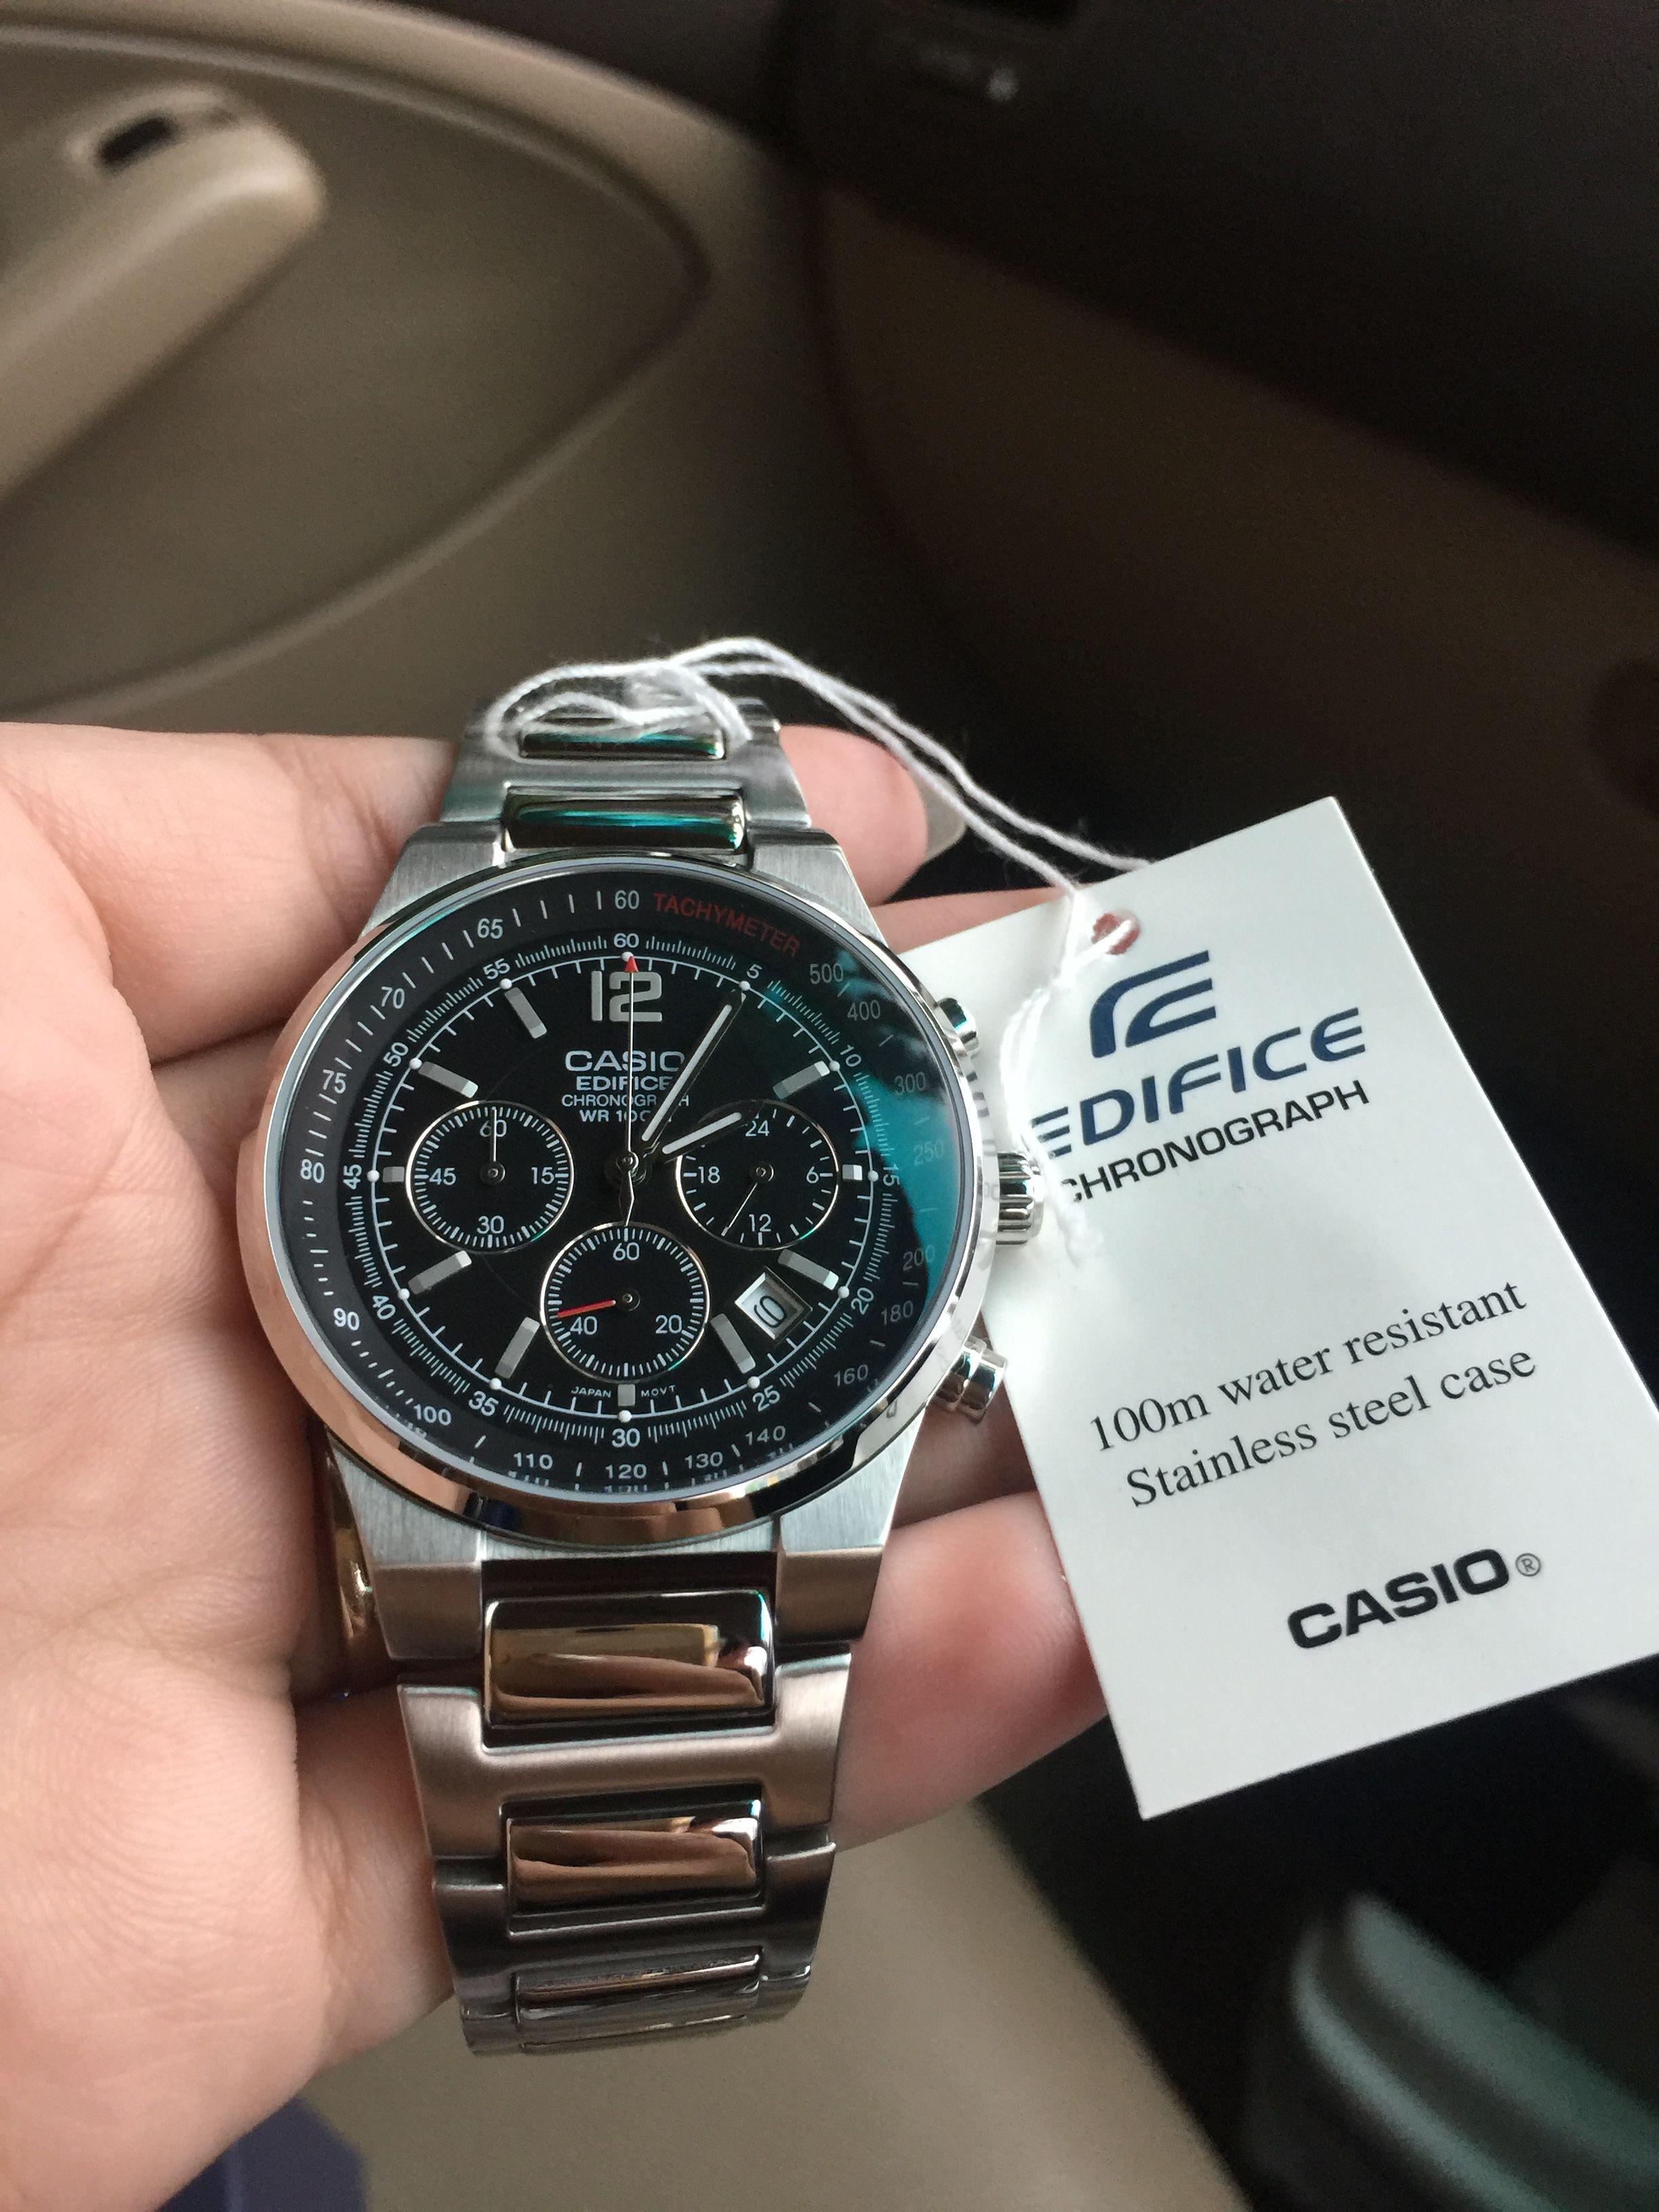 99521b08963 นาฬิกาข้อมือ Casio Edifice Chronograph รุ่น EF-500D-1AVDF นาฬิกาข้อมือสำหรับ